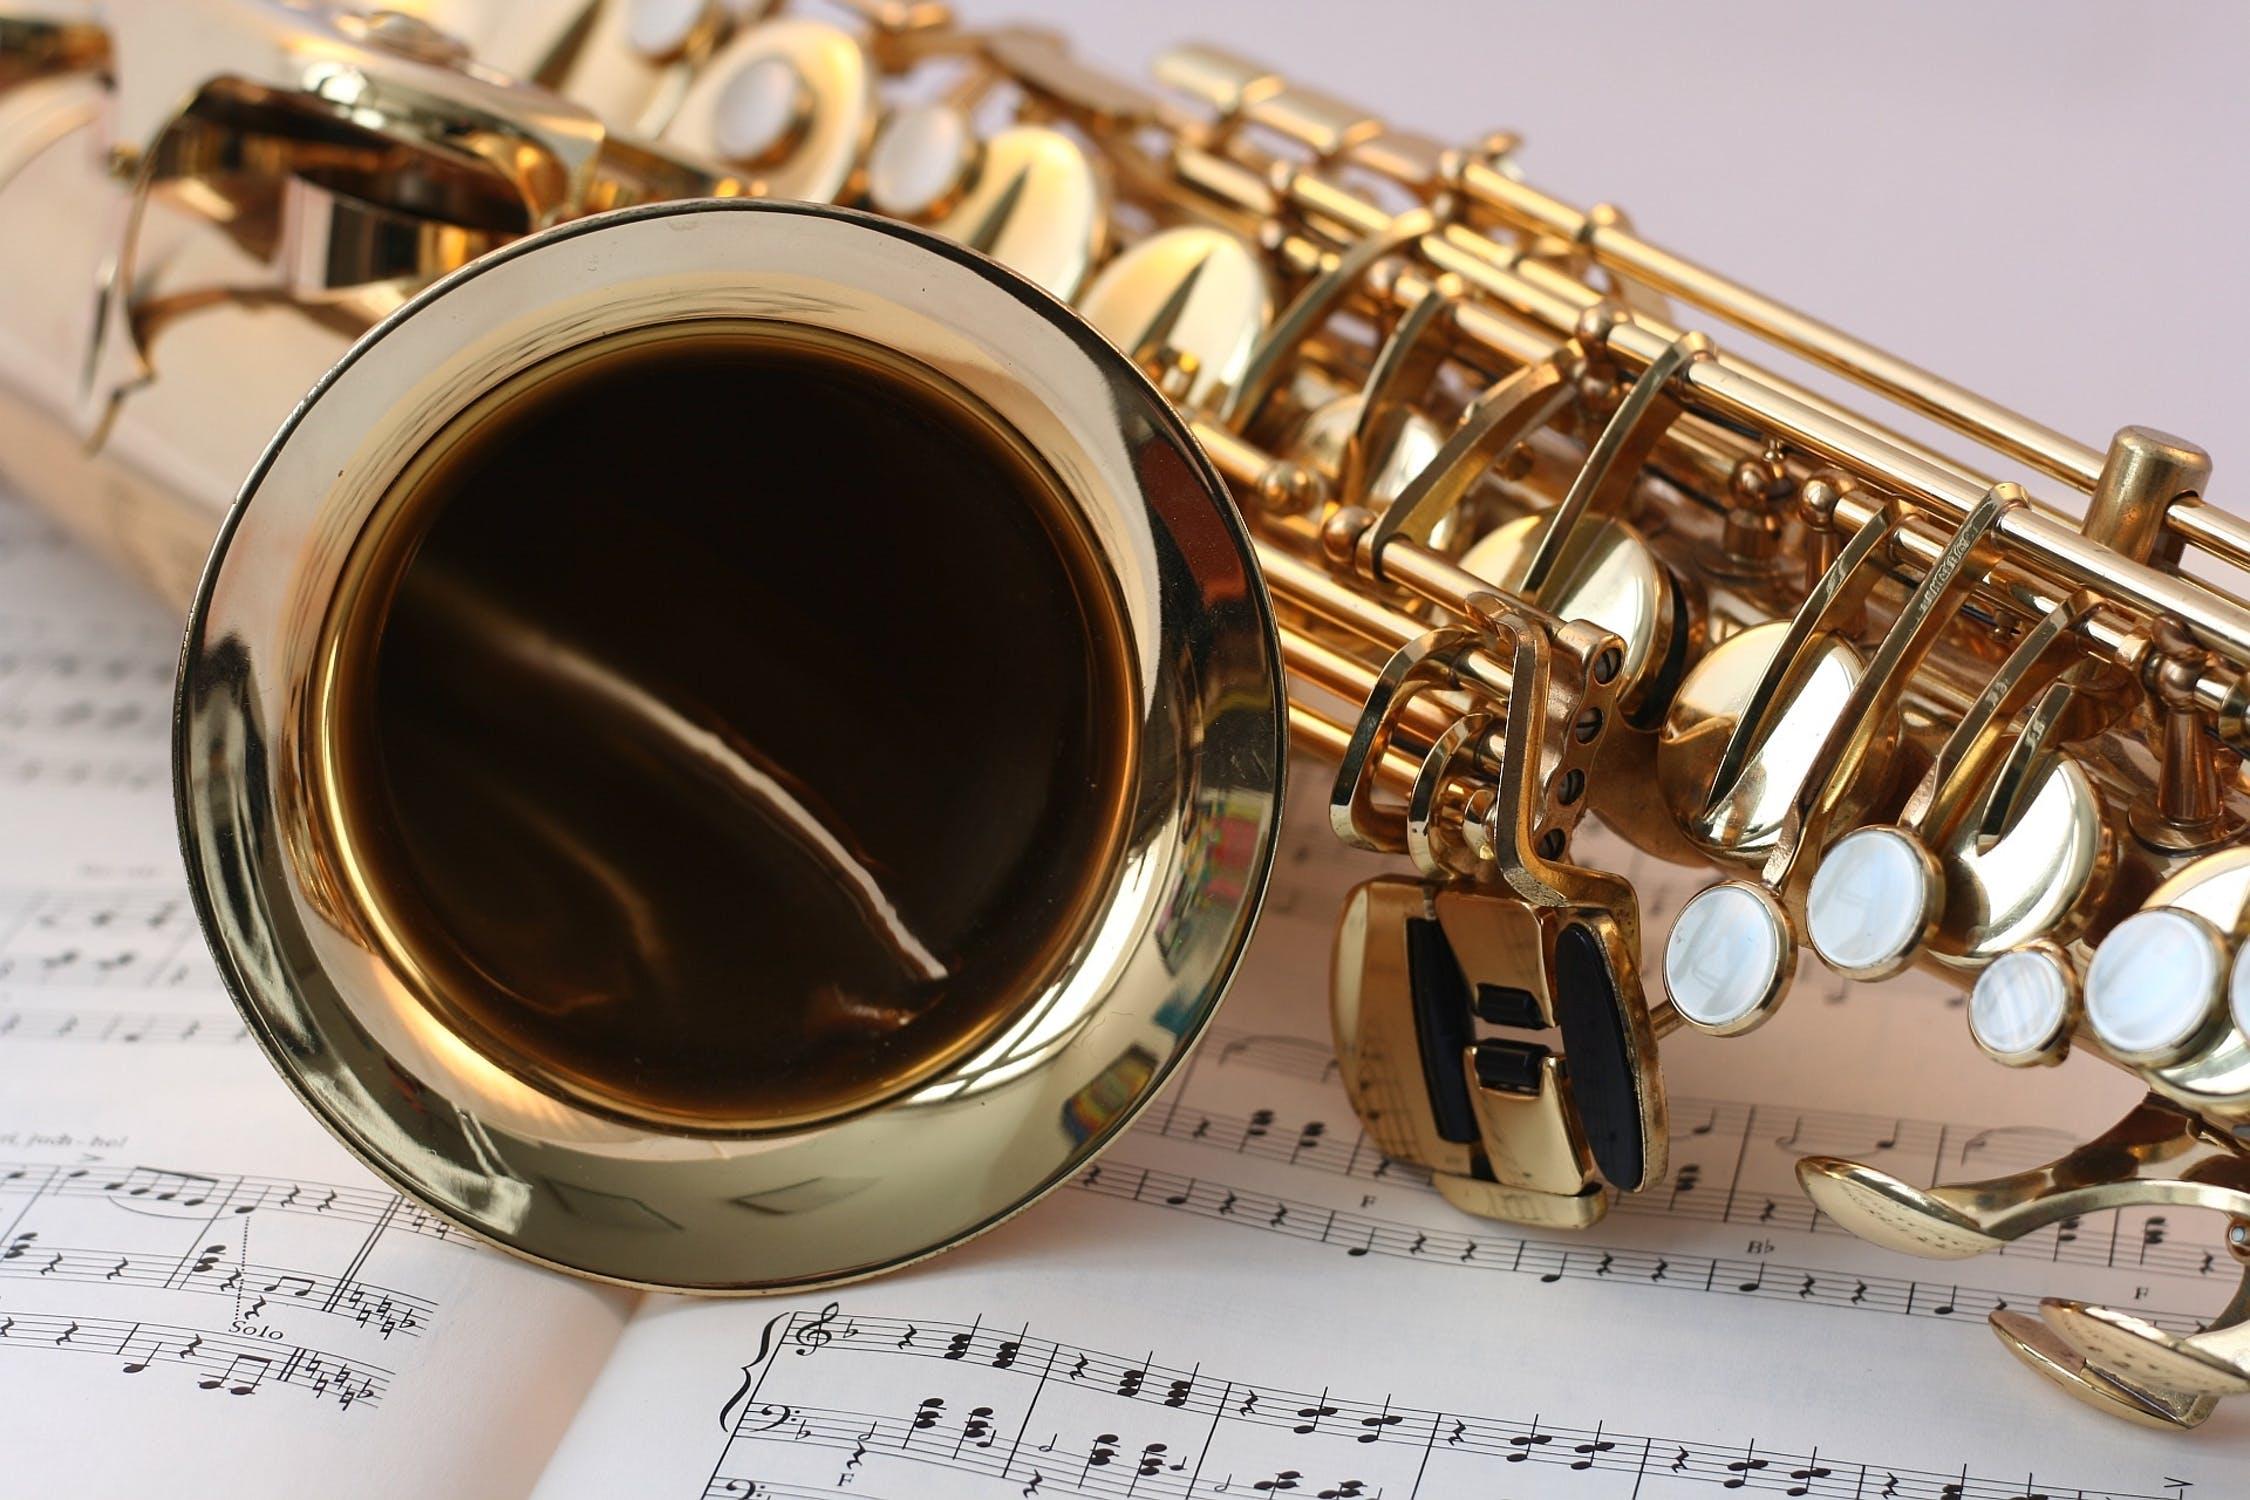 Best Saxophone Brand